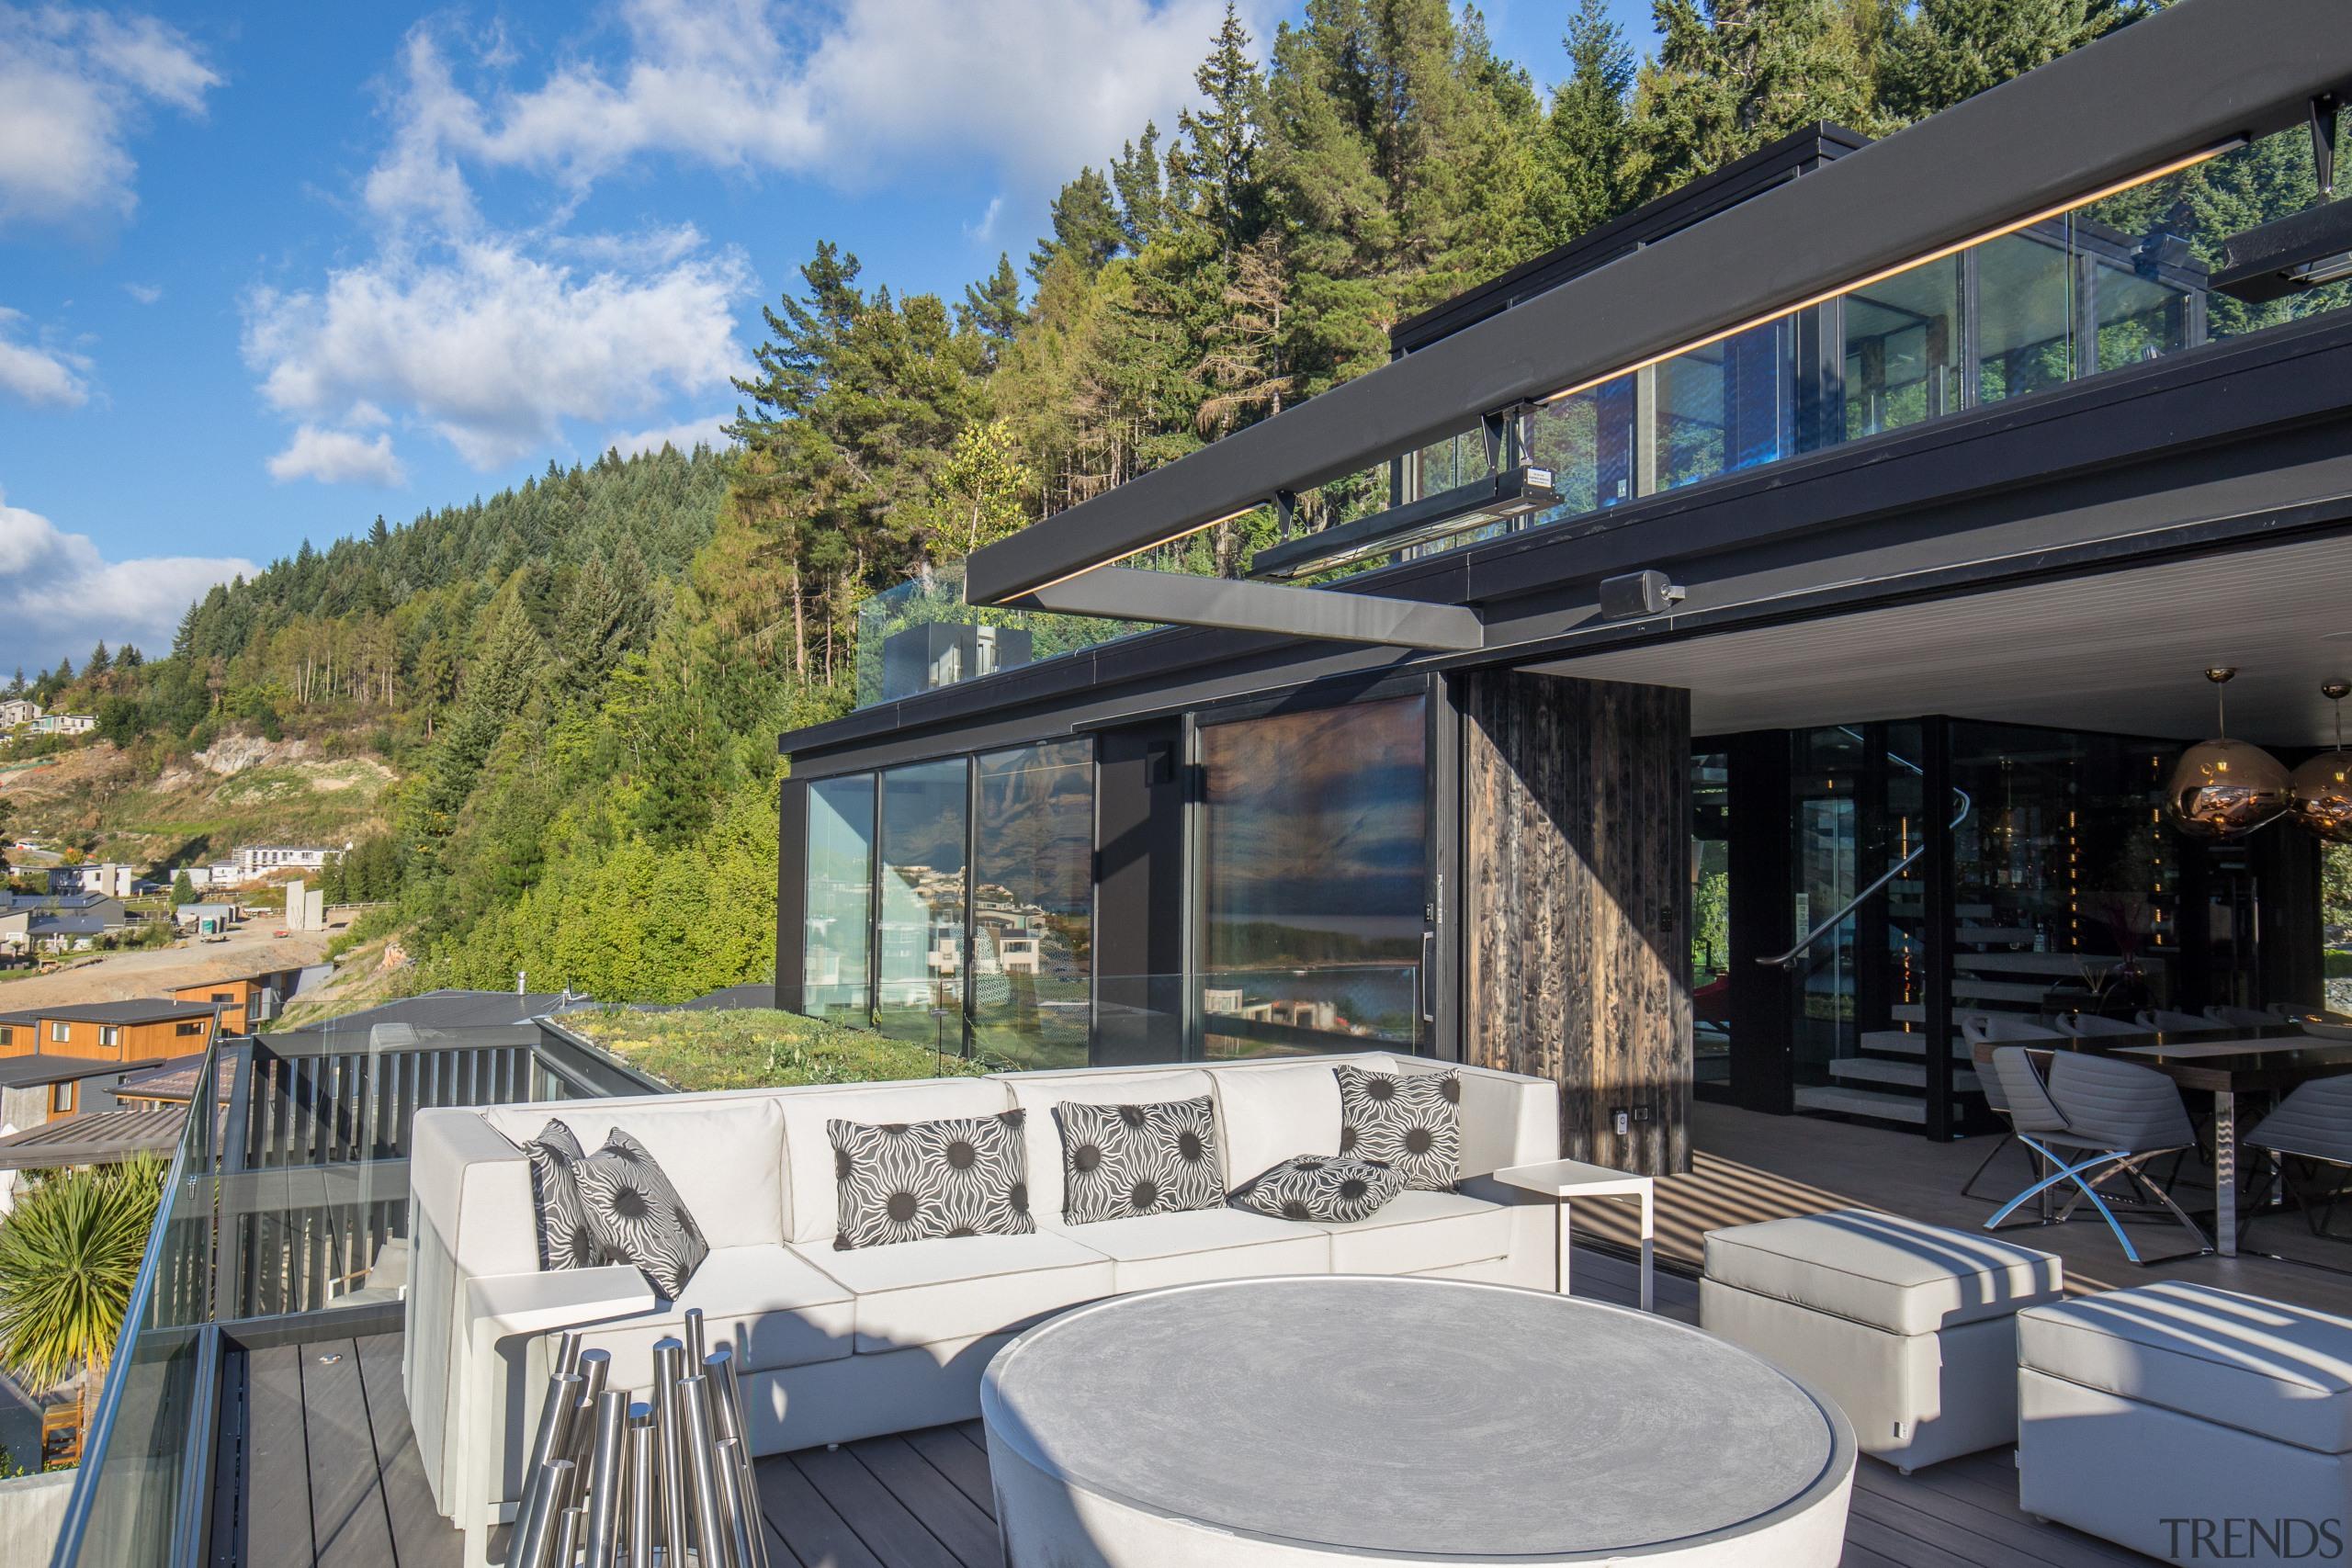 露台延伸至户外,是一片完美的户外休闲区。 architecture, estate, home, house, outdoor structure, property, real estate, roof, gray, black